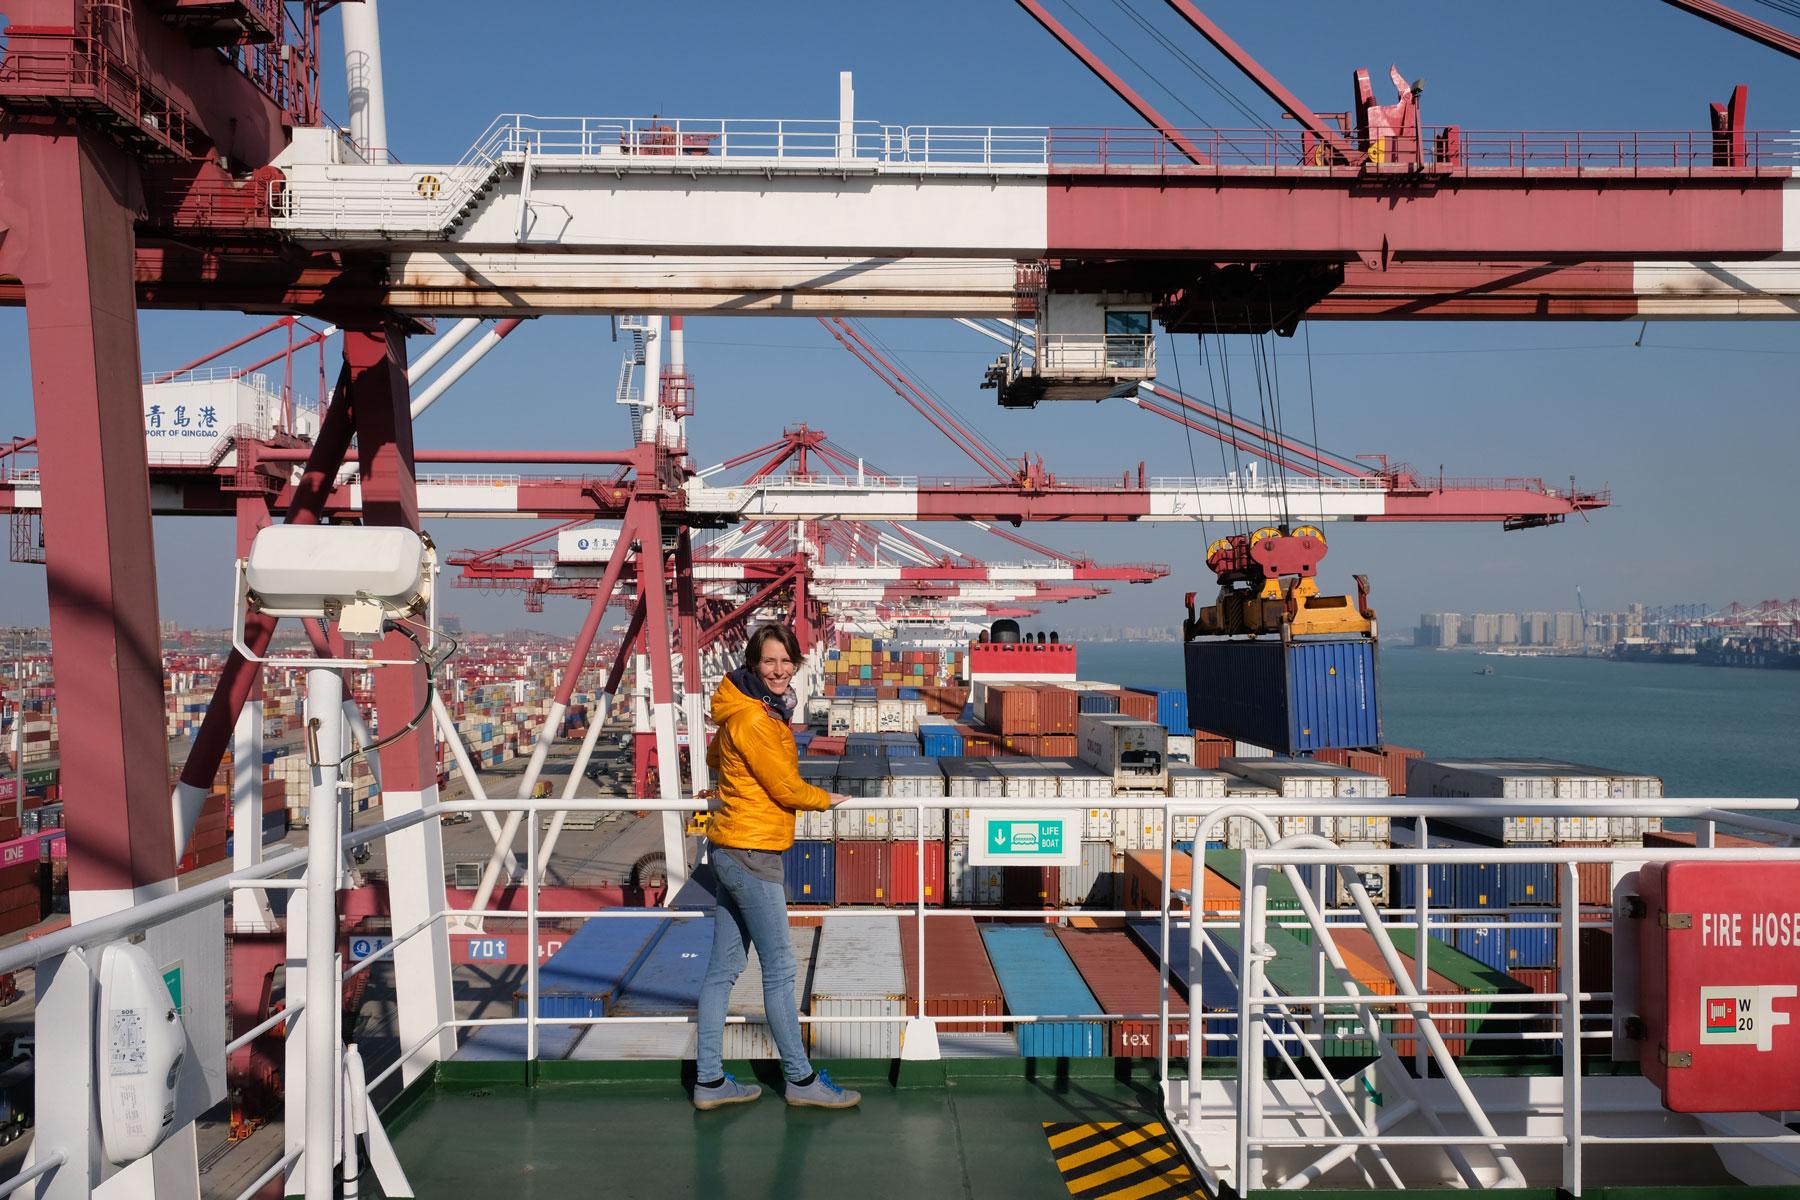 Leo steht auf der Brücke und schaut dem Be- und Entladen der Ladung des Containerschiffs zu.